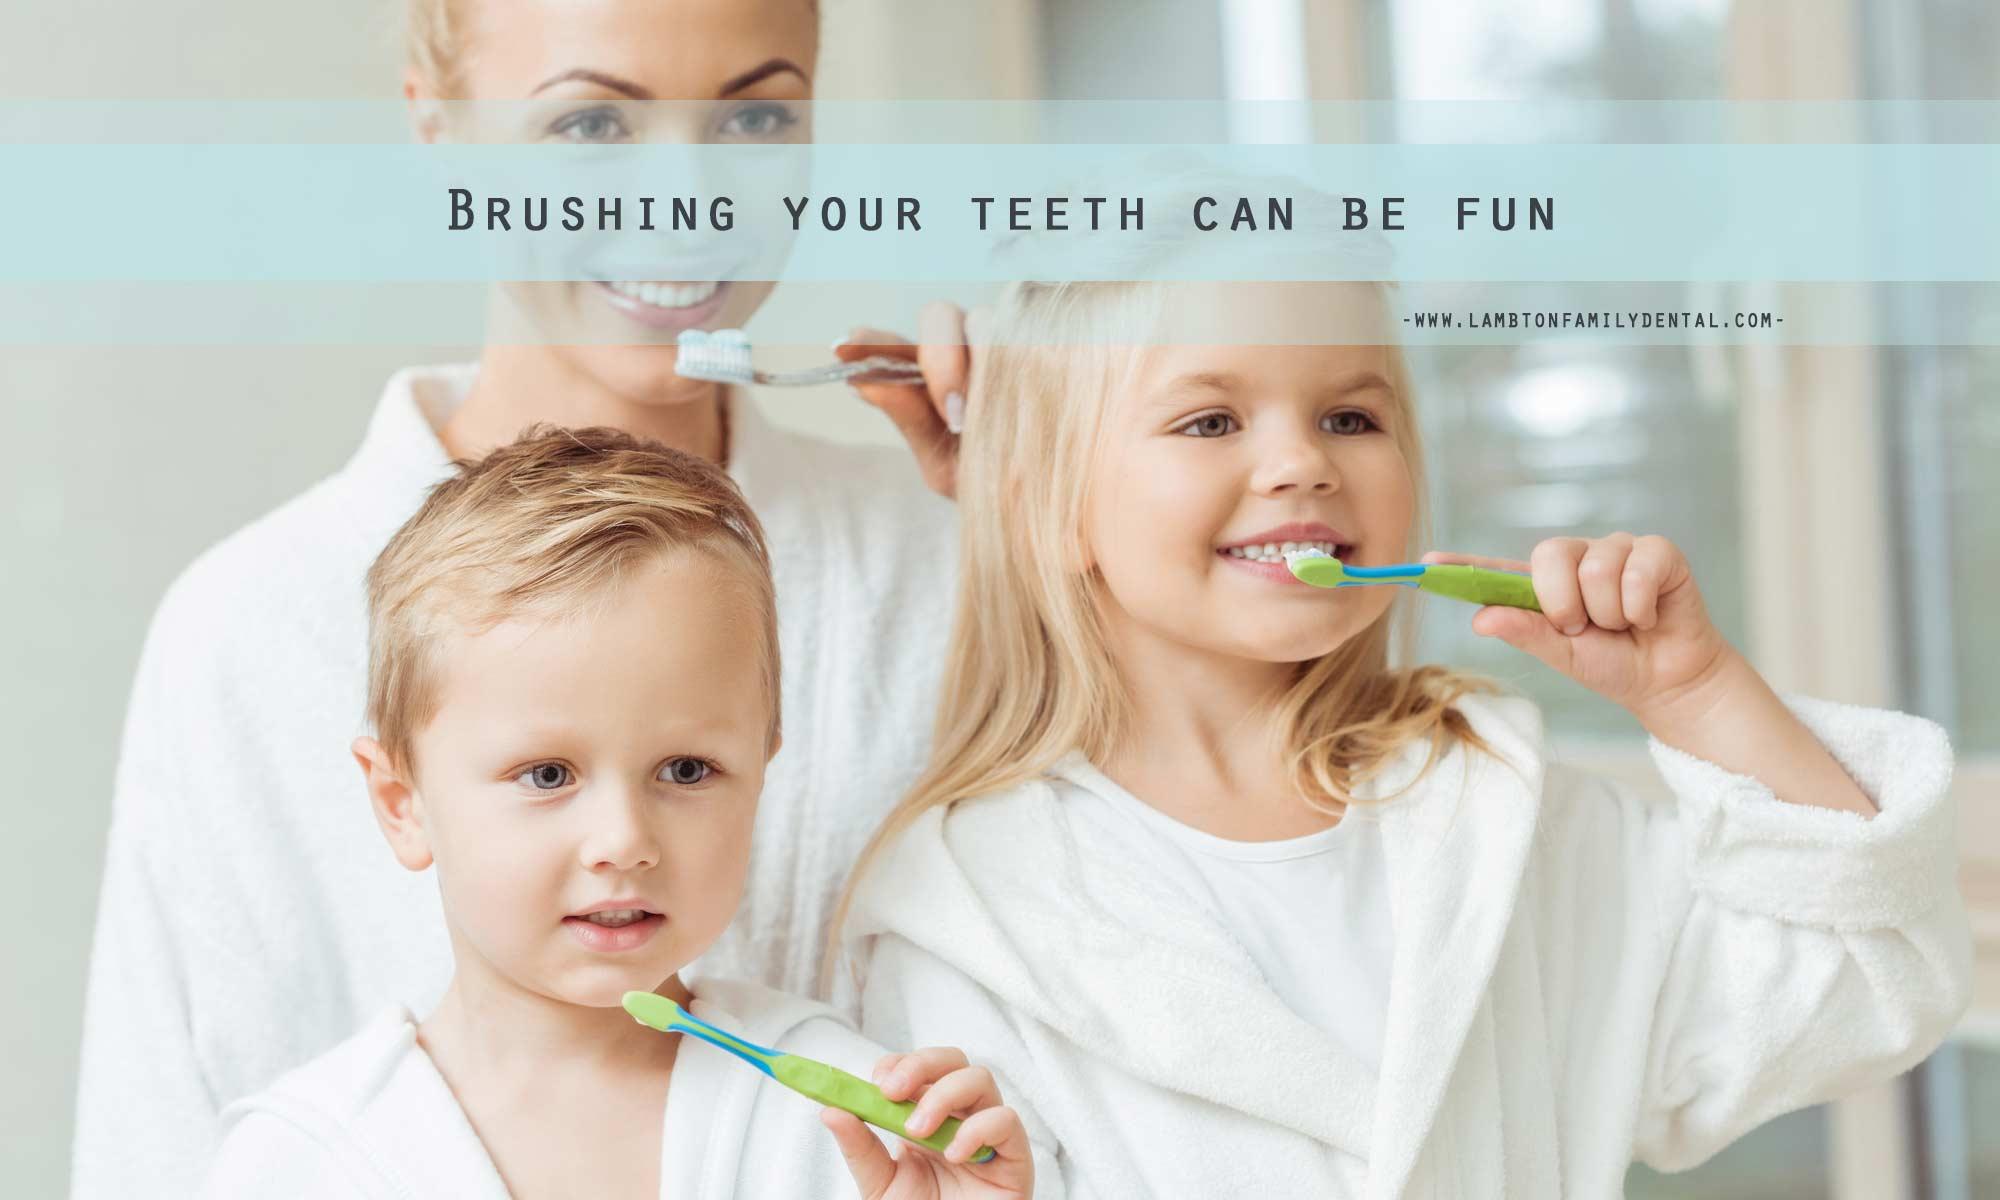 Brushing your teeth can be fun